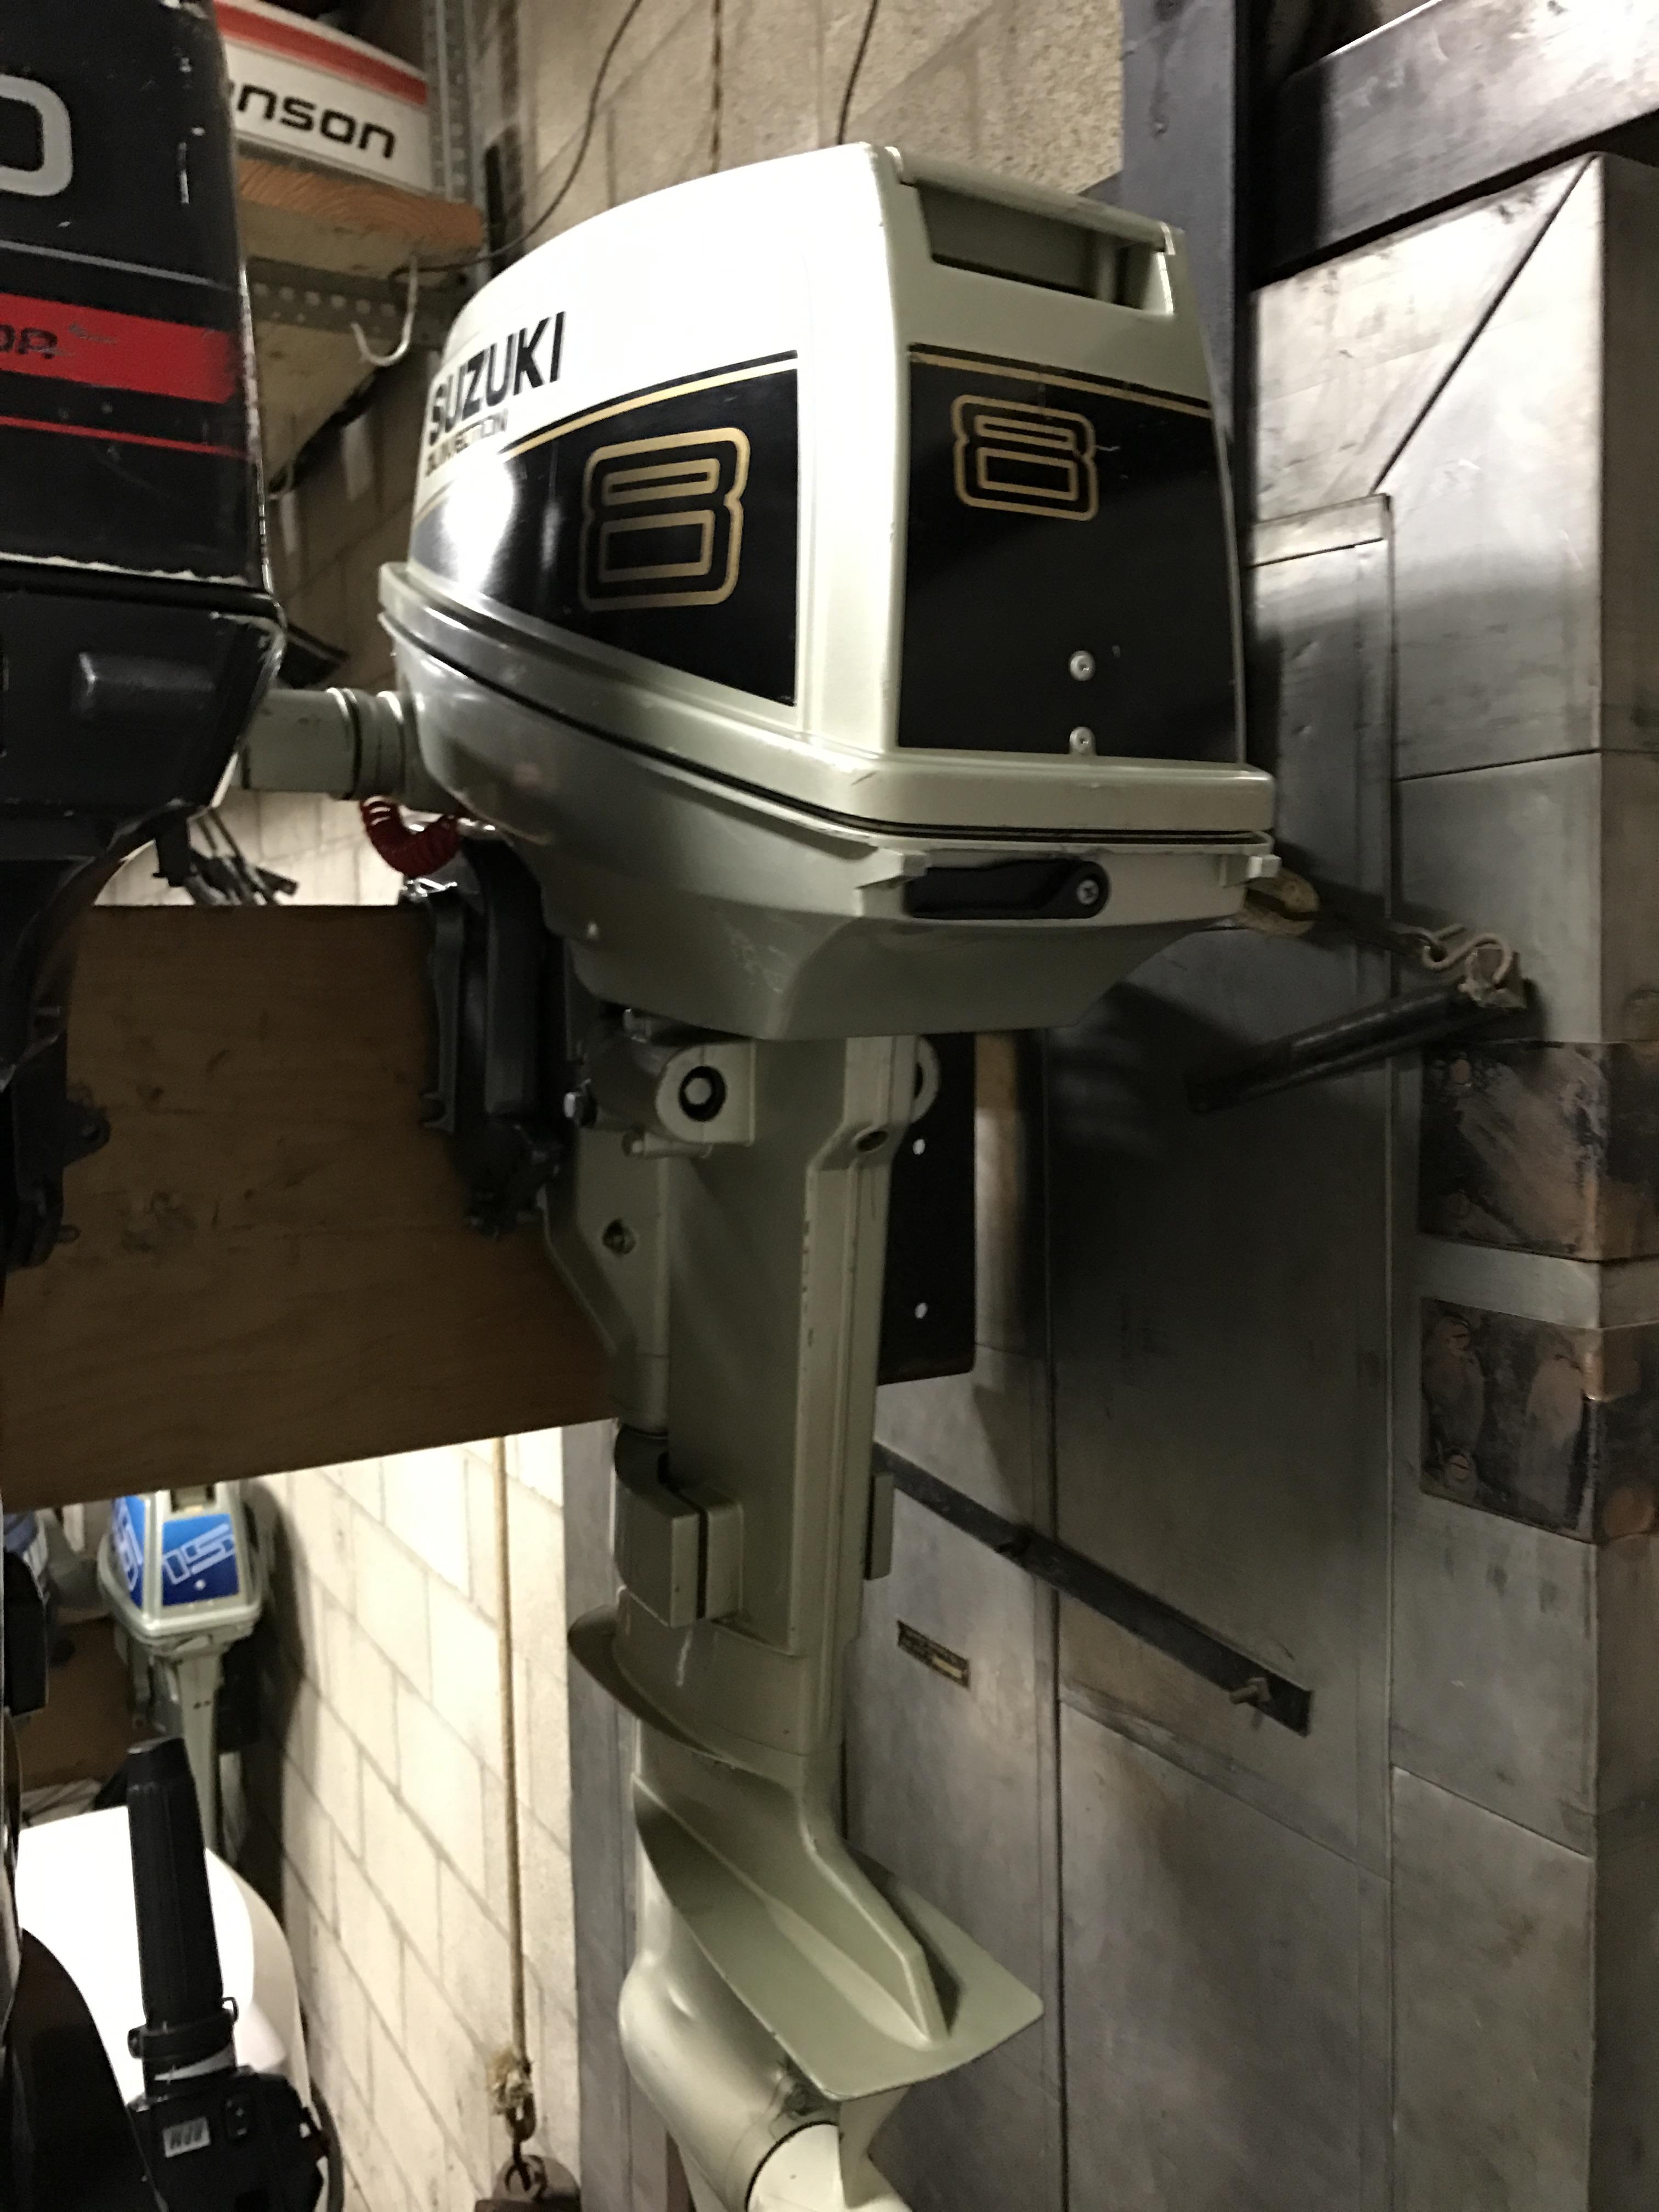 1988 Suzuki 8hp Van S Sport Center Used Outboard Motors